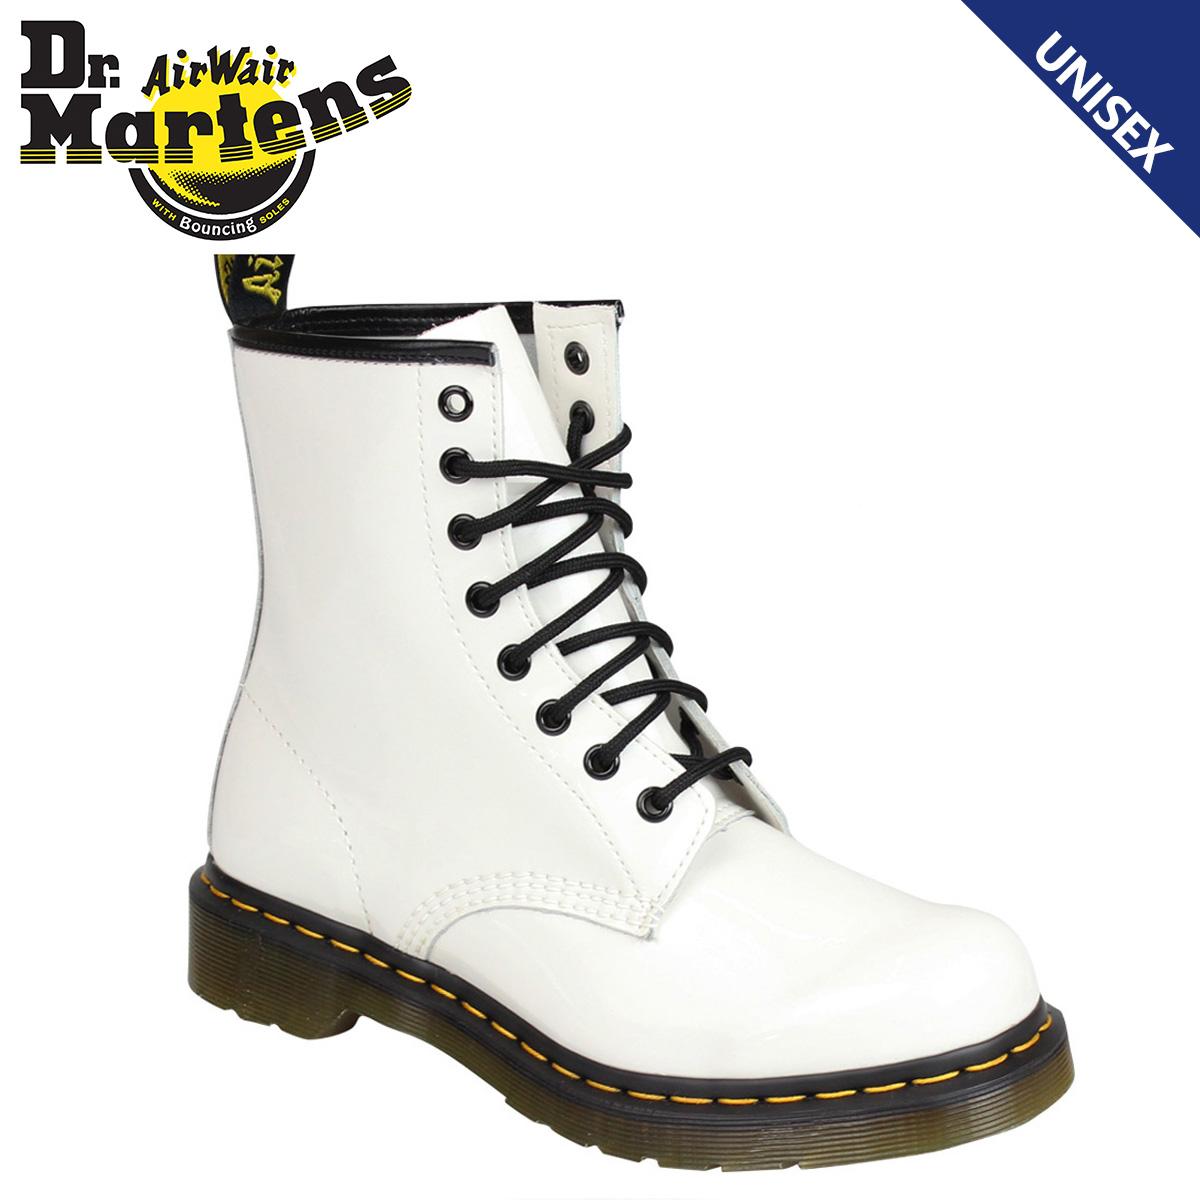 ドクターマーチン 8ホール 1460 レディース Dr.Martens ブーツ WOMENS 8EYE BOOT R11821104 メンズ